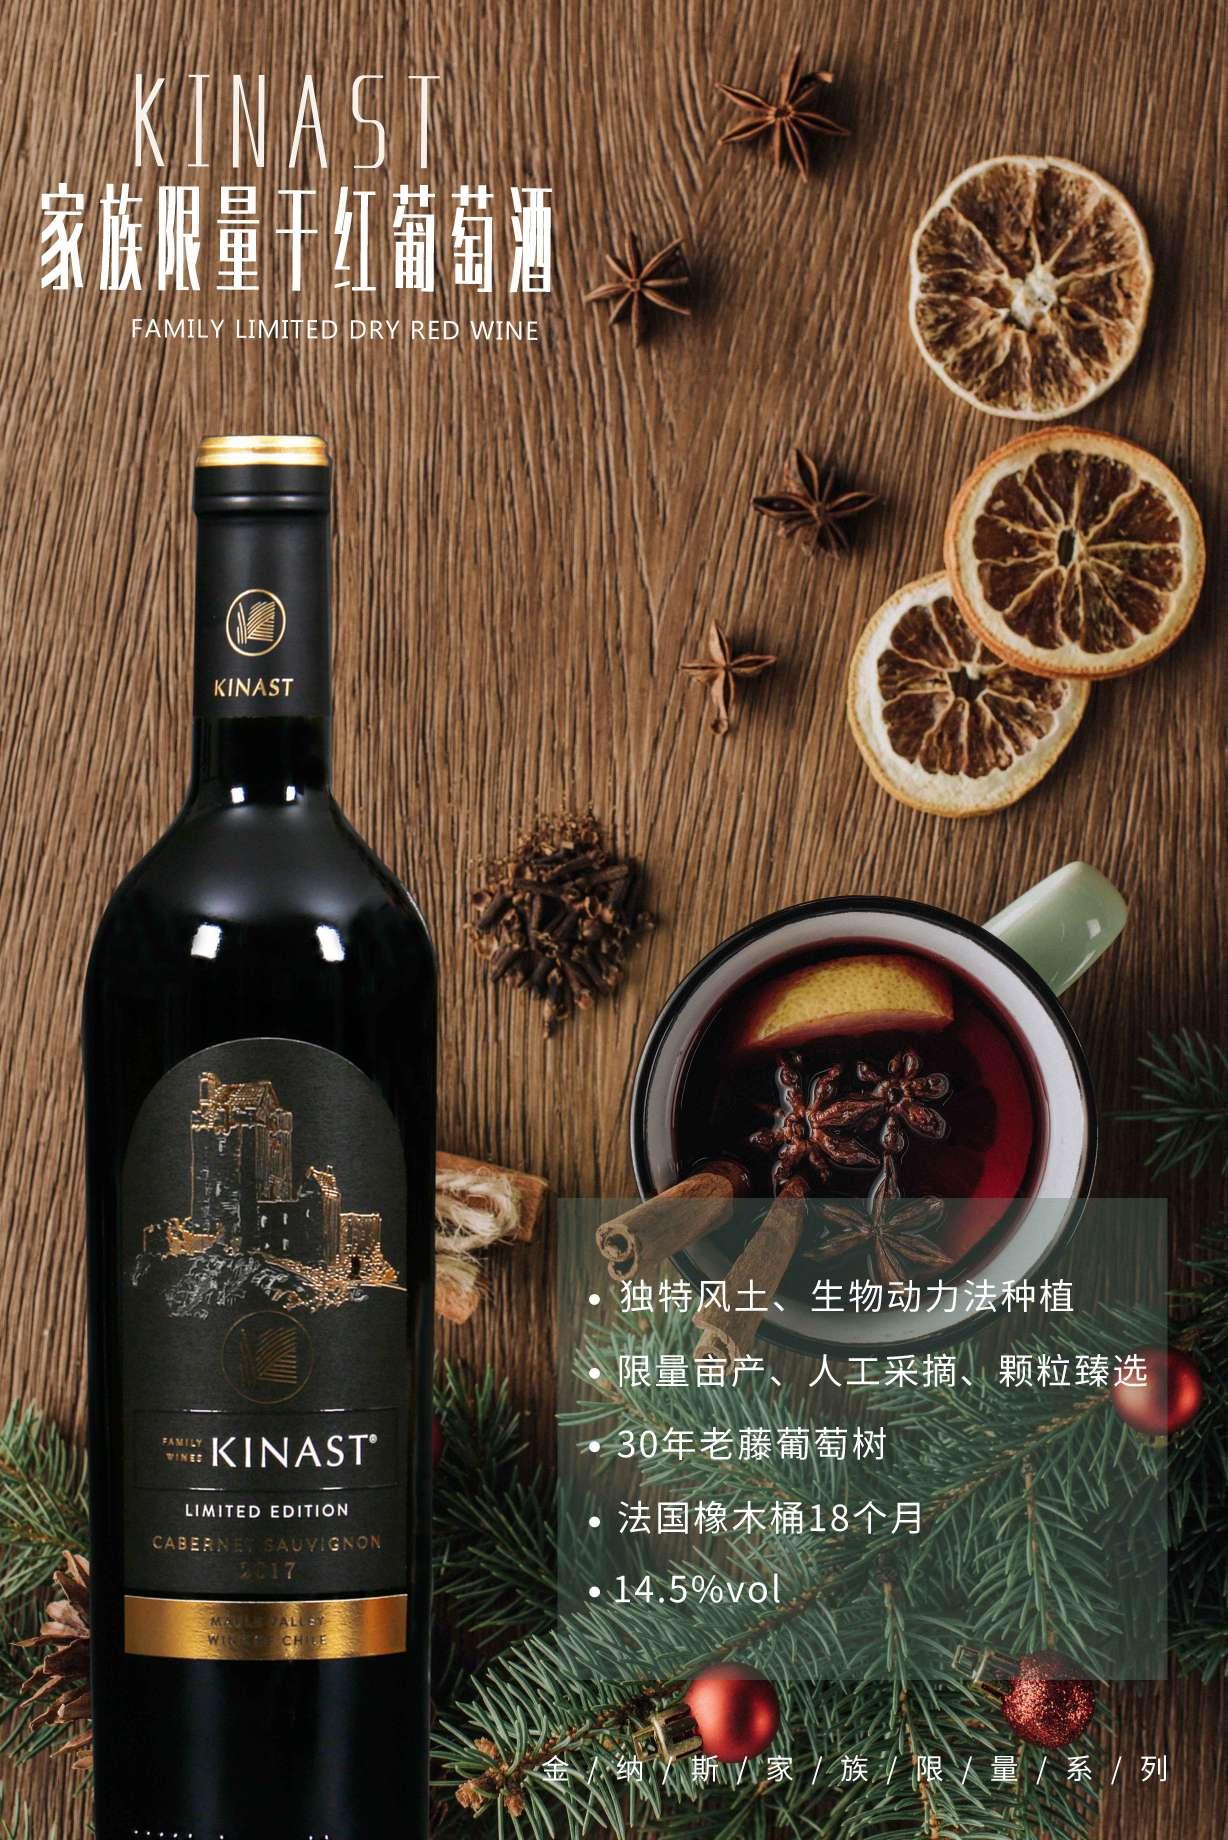 智利金纳斯家族酒庄马乌莱谷KINAST家族限量干红葡萄酒